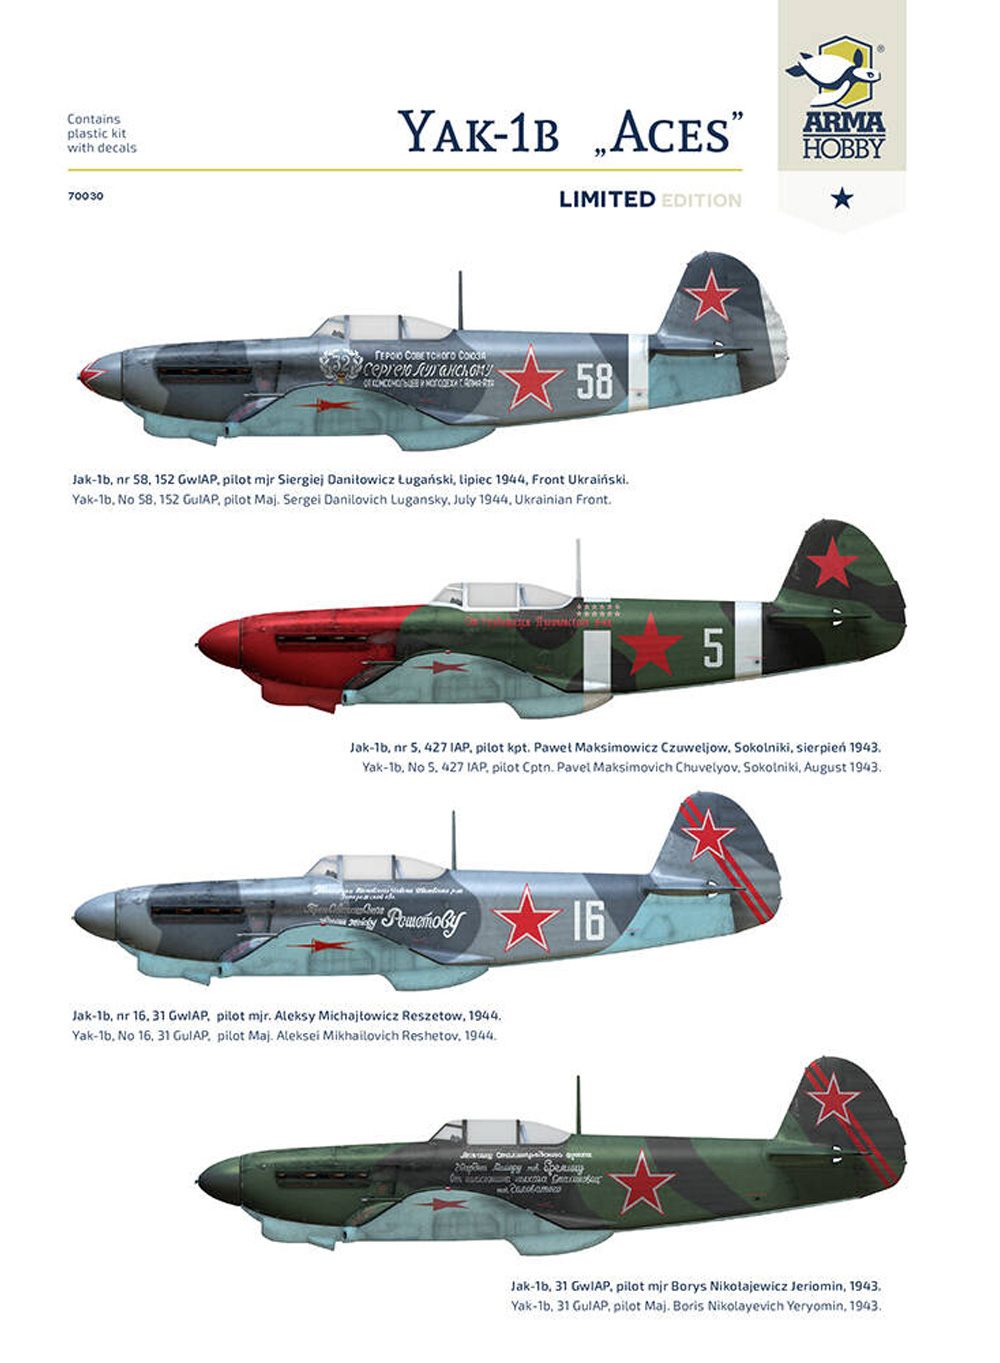 ヤコヴレフ Yak-1b エースパイロットプラモデル(アルマホビー1/72 エアクラフト プラモデルNo.ADL70030)商品画像_1